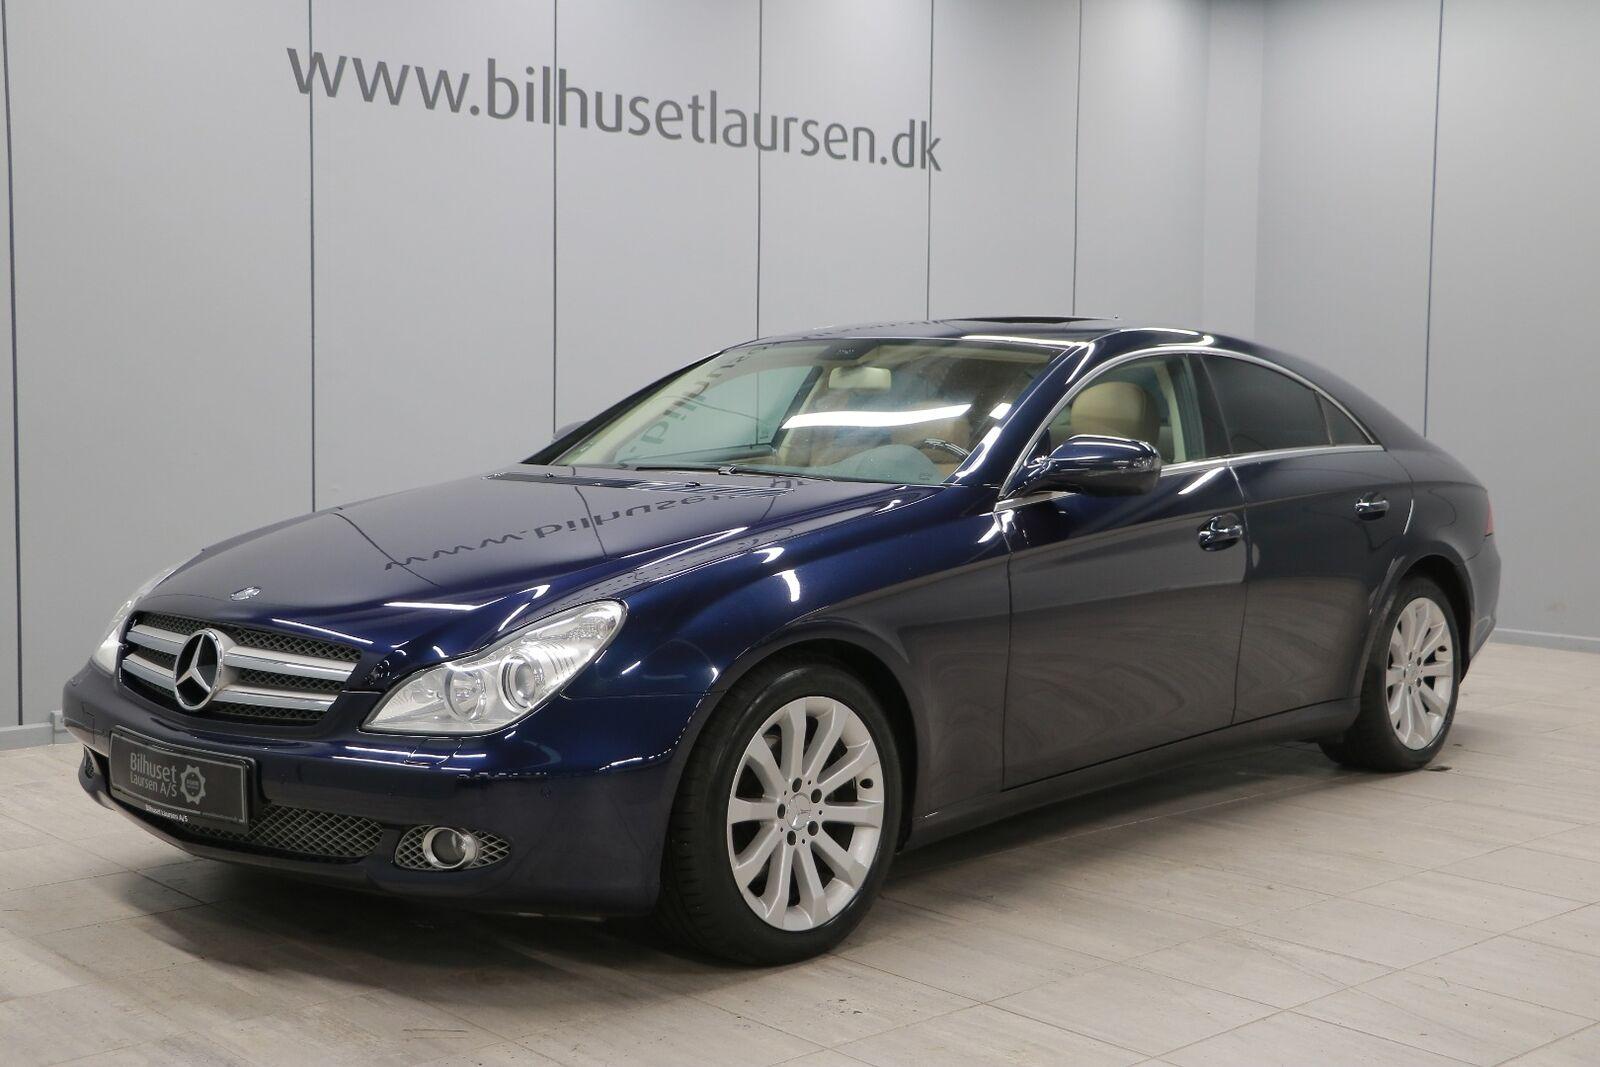 Mercedes CLS320 3,0 CDi aut. 4d - 229.900 kr.